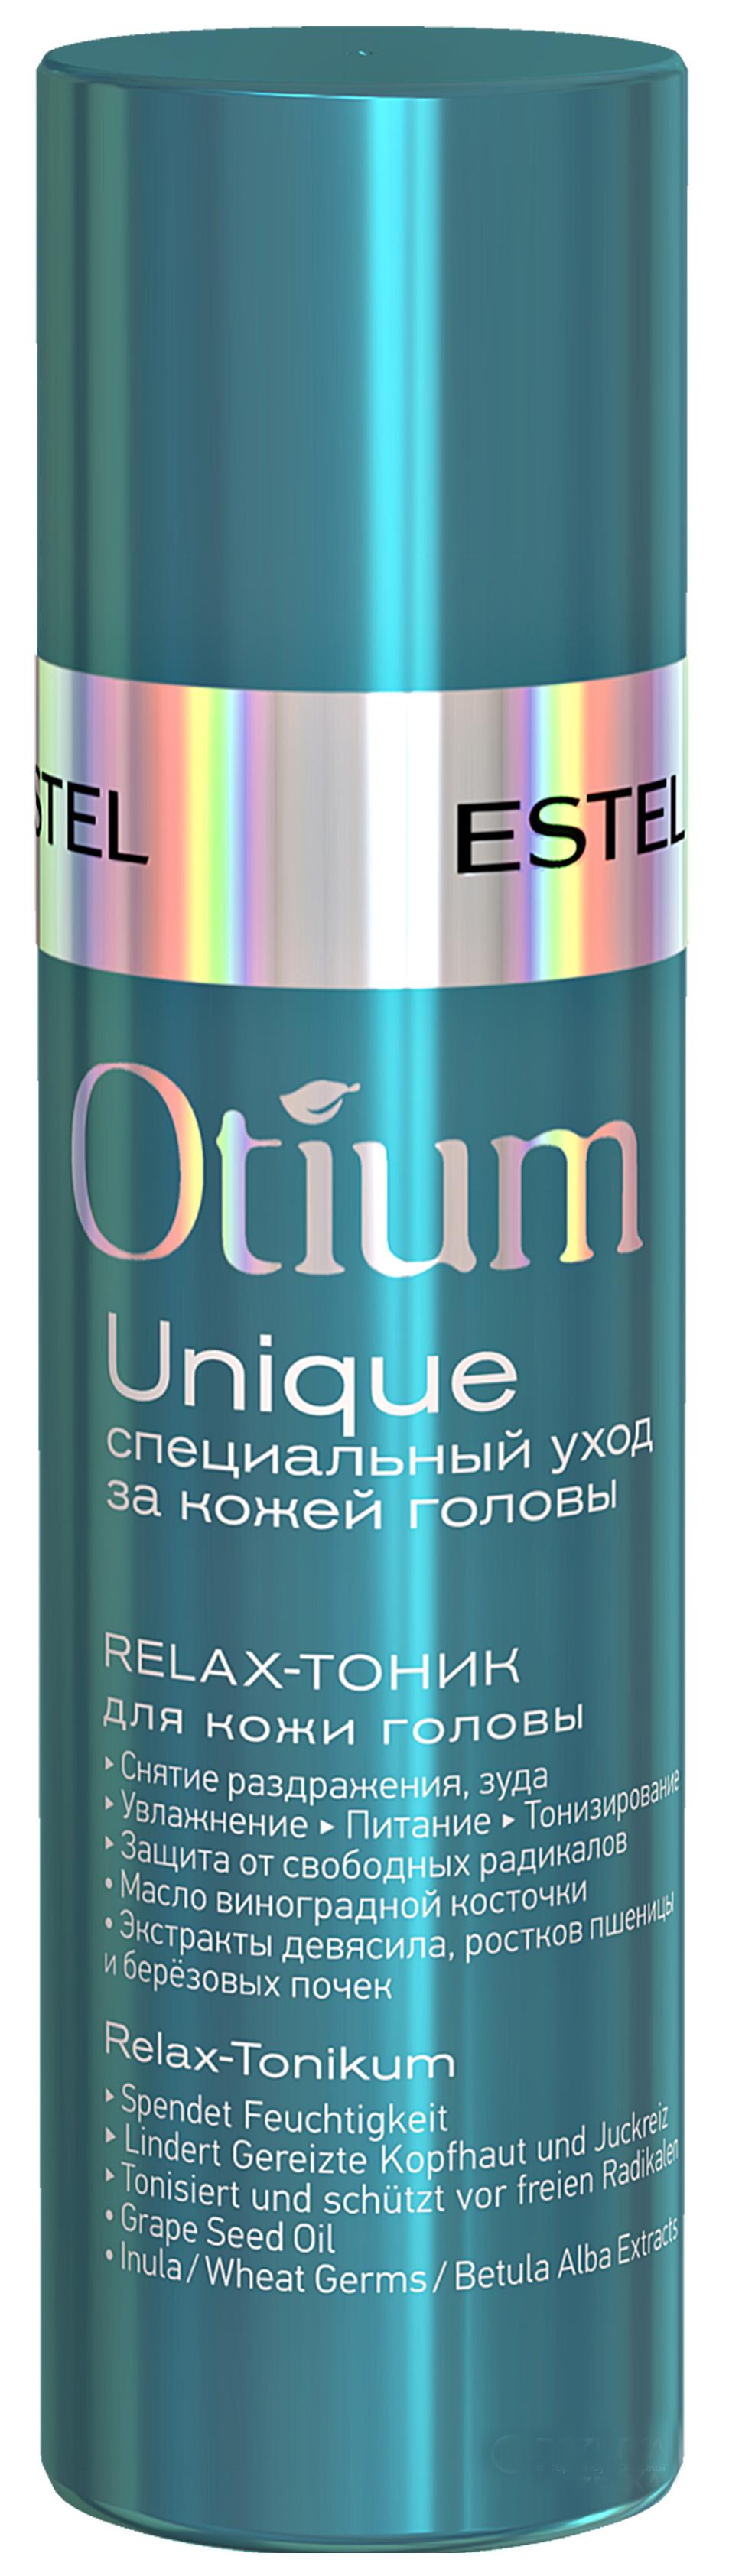 Тоник для кожи головы Estel Otium Unique